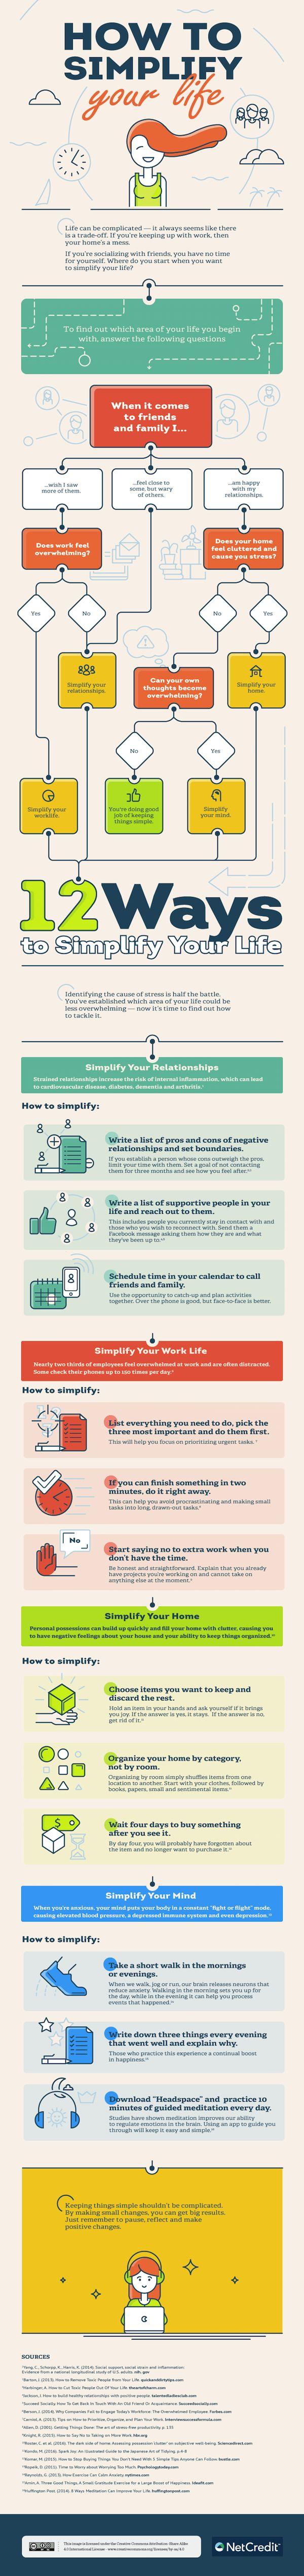 Infographic: How To Simplify Your Life - DesignTAXI.com